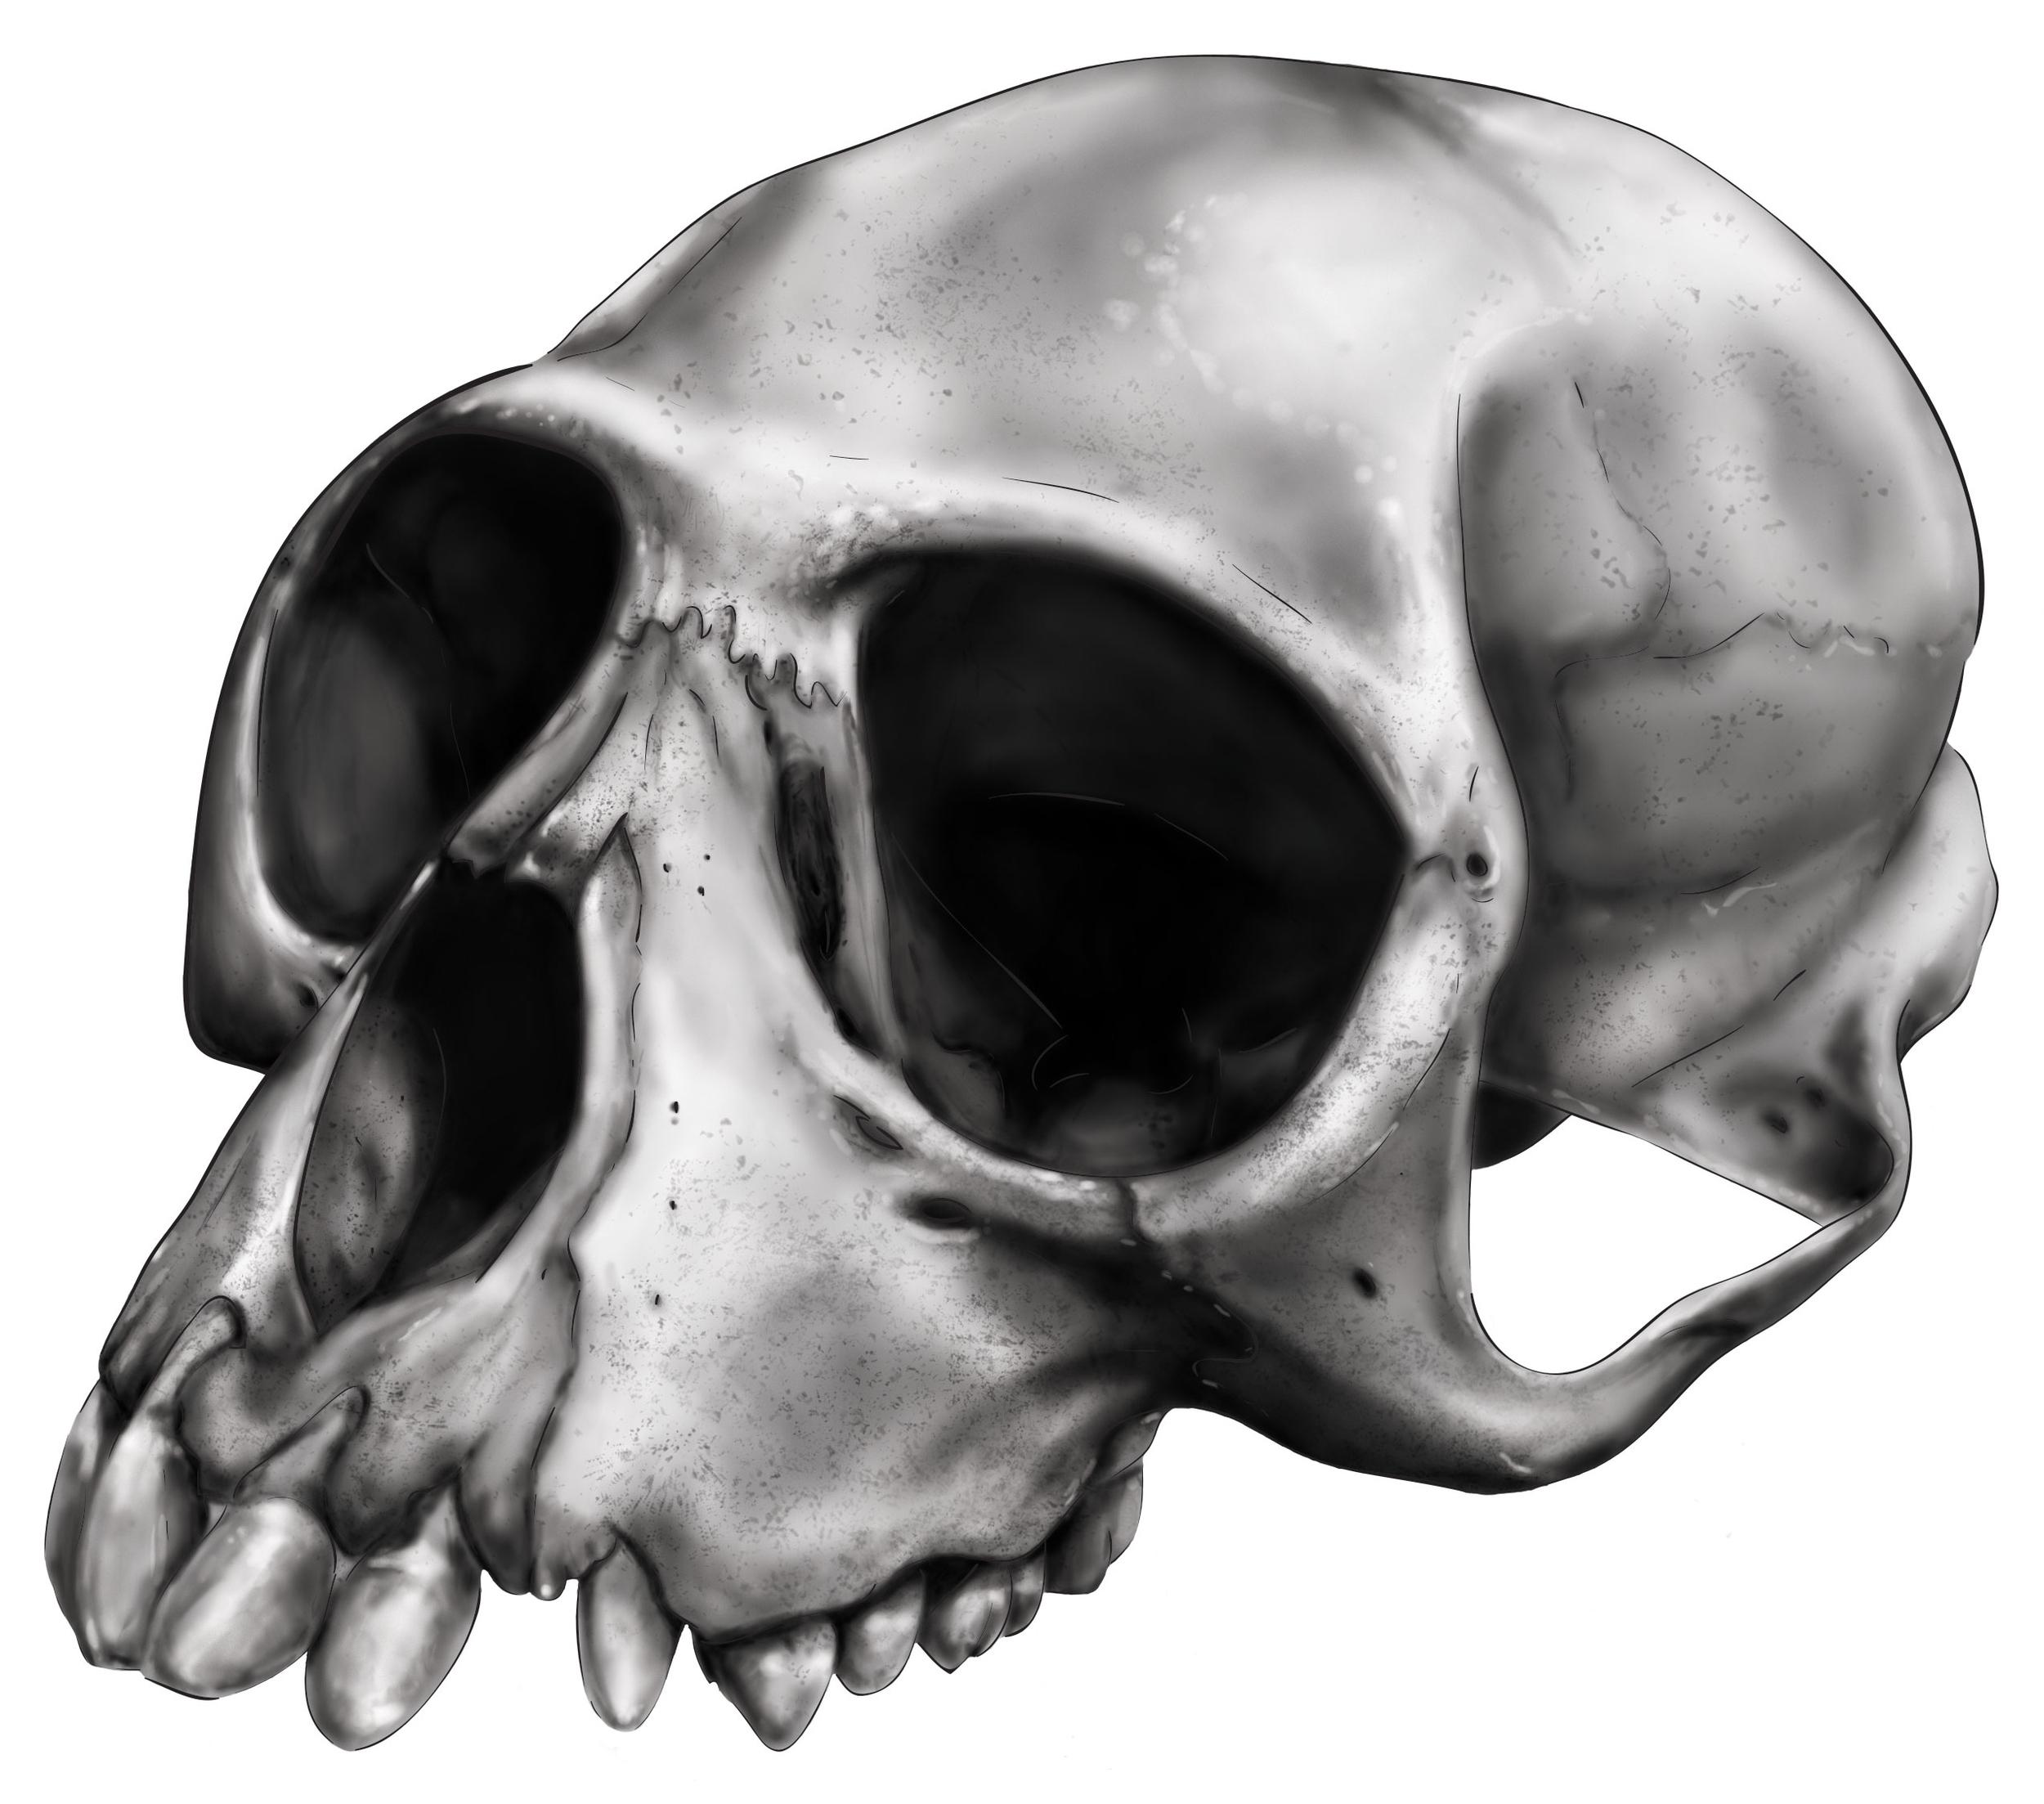 langur skull clean.jpg